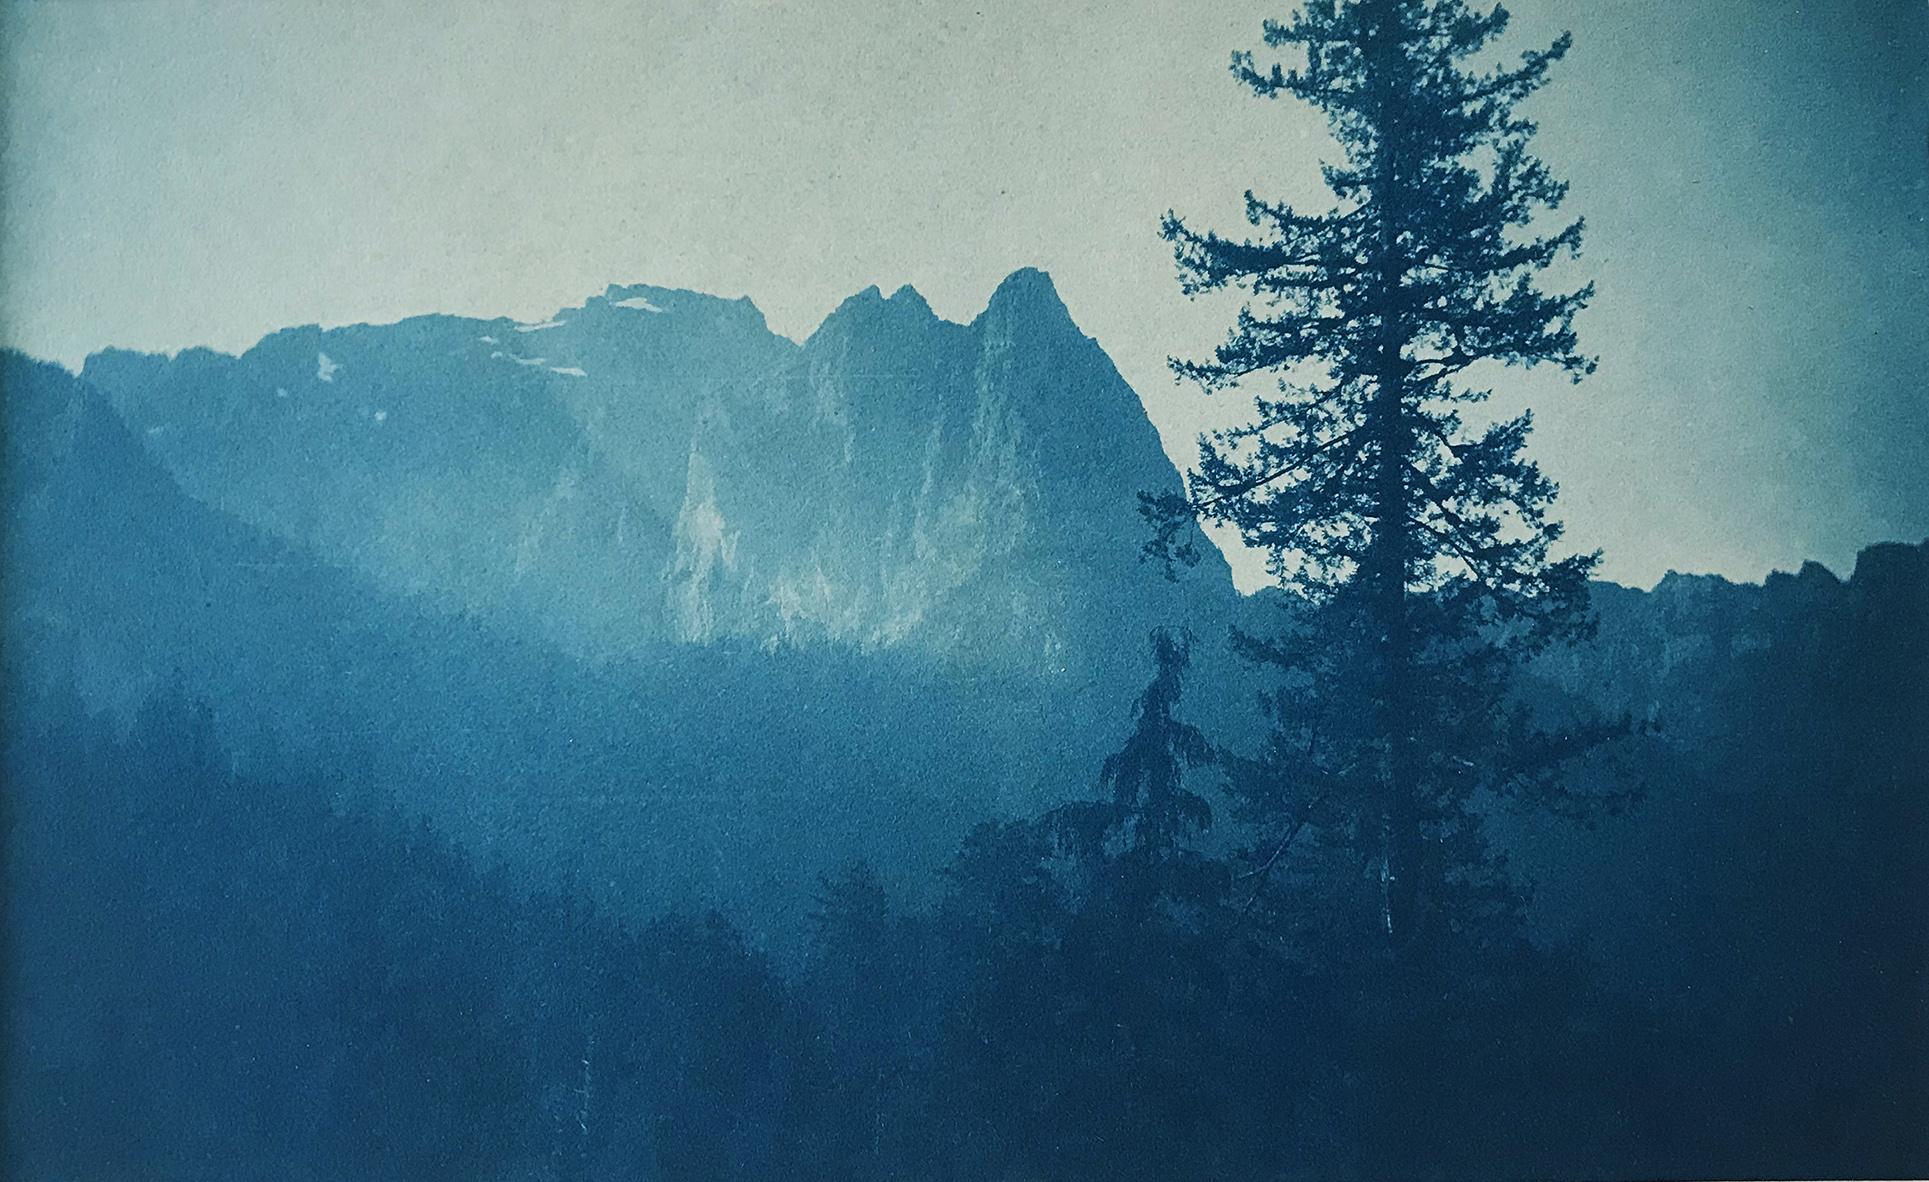 Anonym | Mount Index - Washington | 1906 | Cyanotype